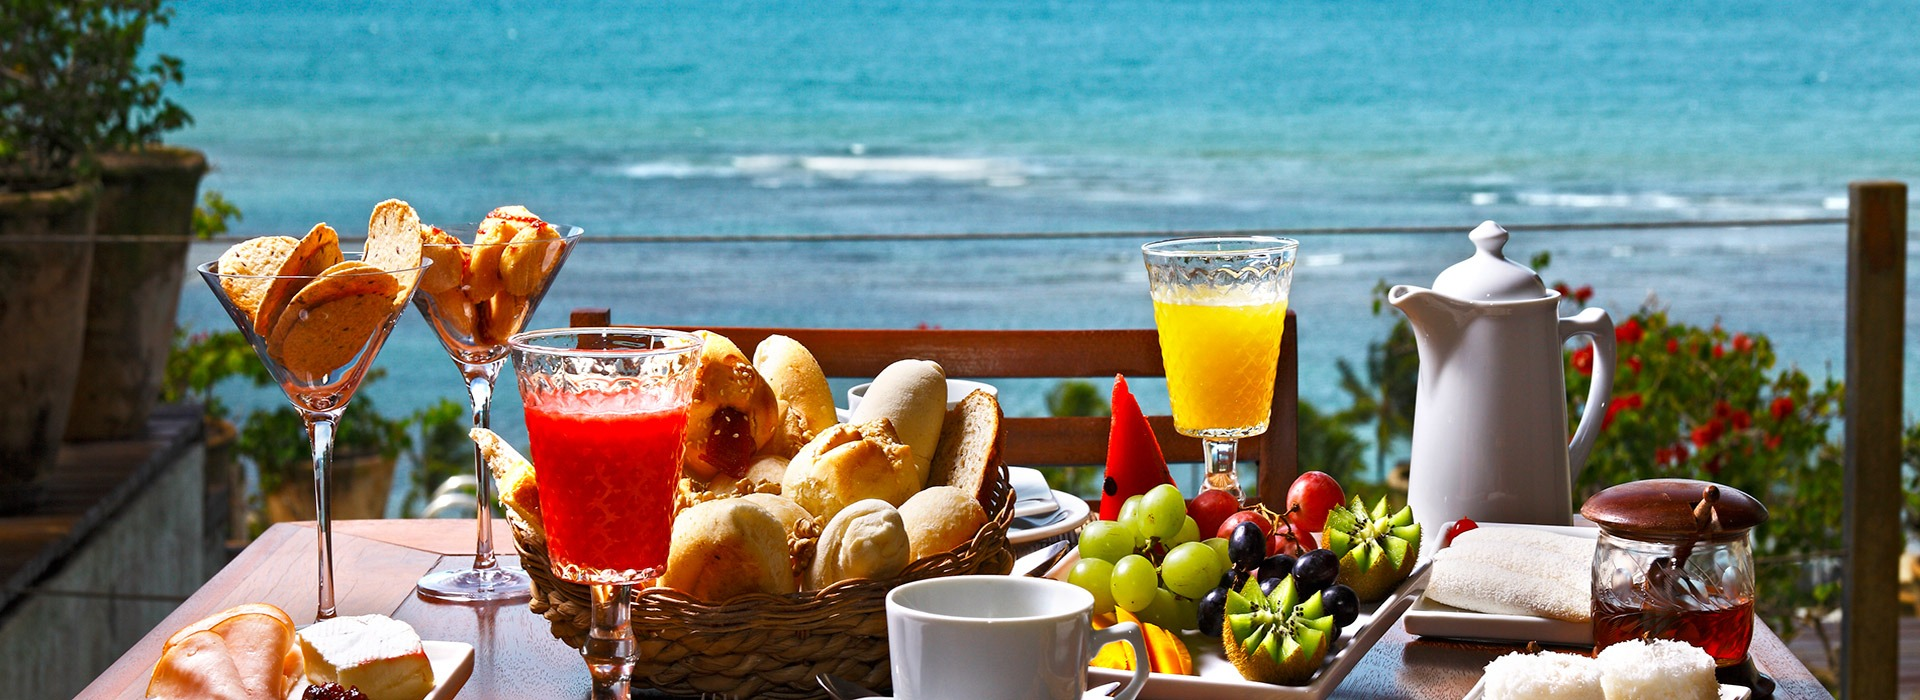 slide-prima-colazione-mare